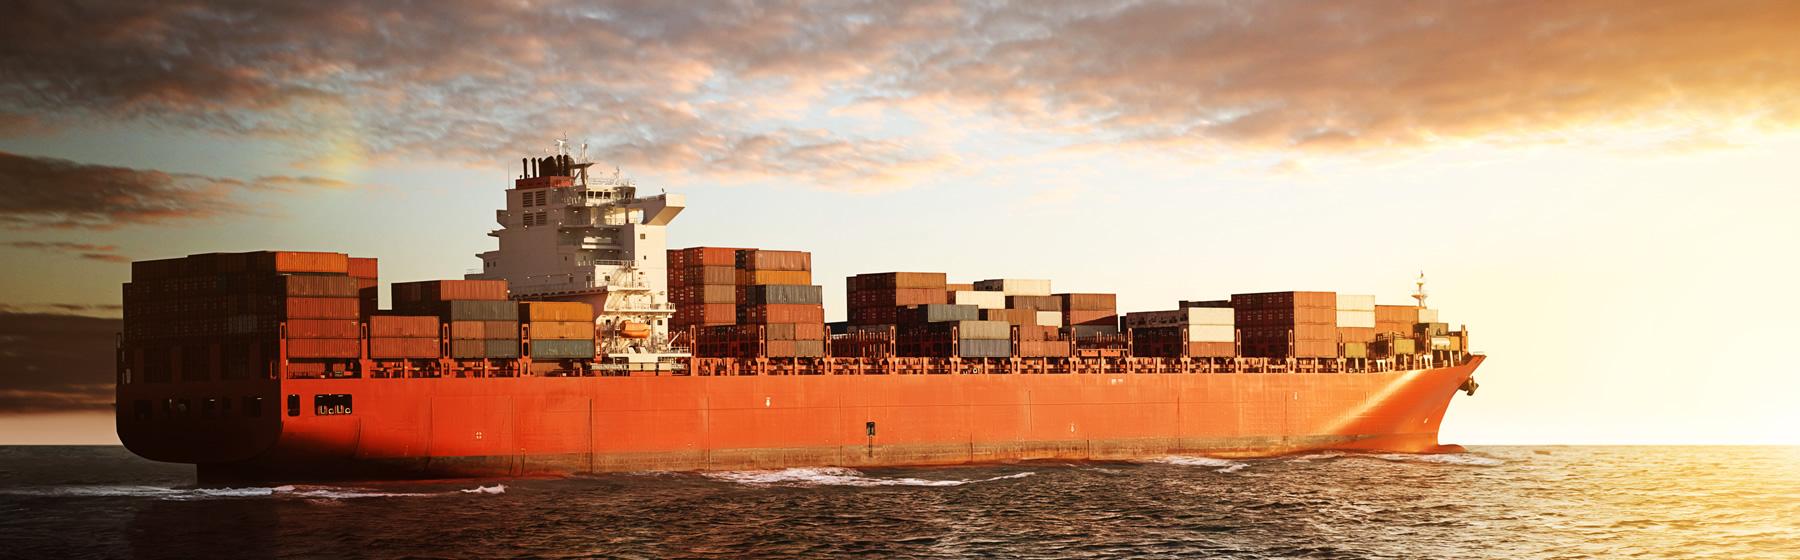 Telemed Ship